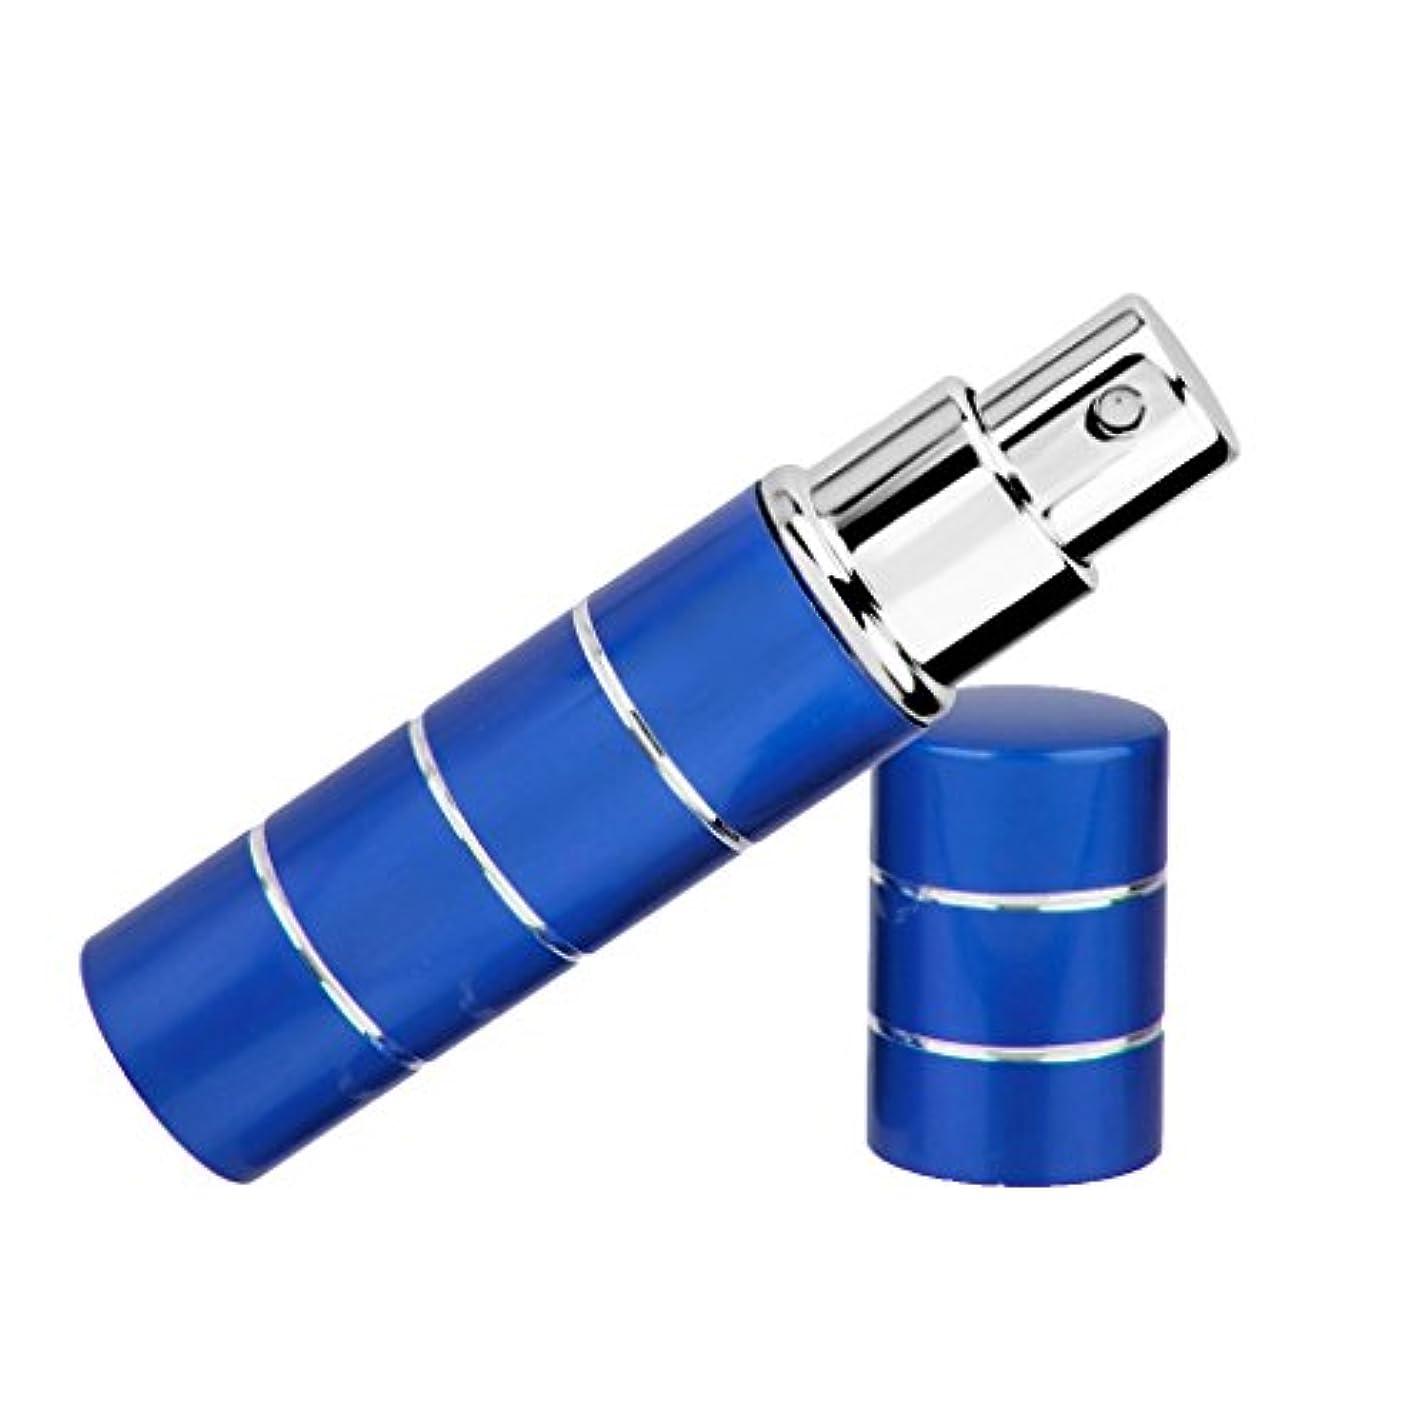 資格気をつけて常にLovoski  旅行携帯用 軽量 詰め替え 10ml 香水瓶 噴霧器 化粧水用瓶 ボトル アトマイザー  スプレー ケース   - ブルー